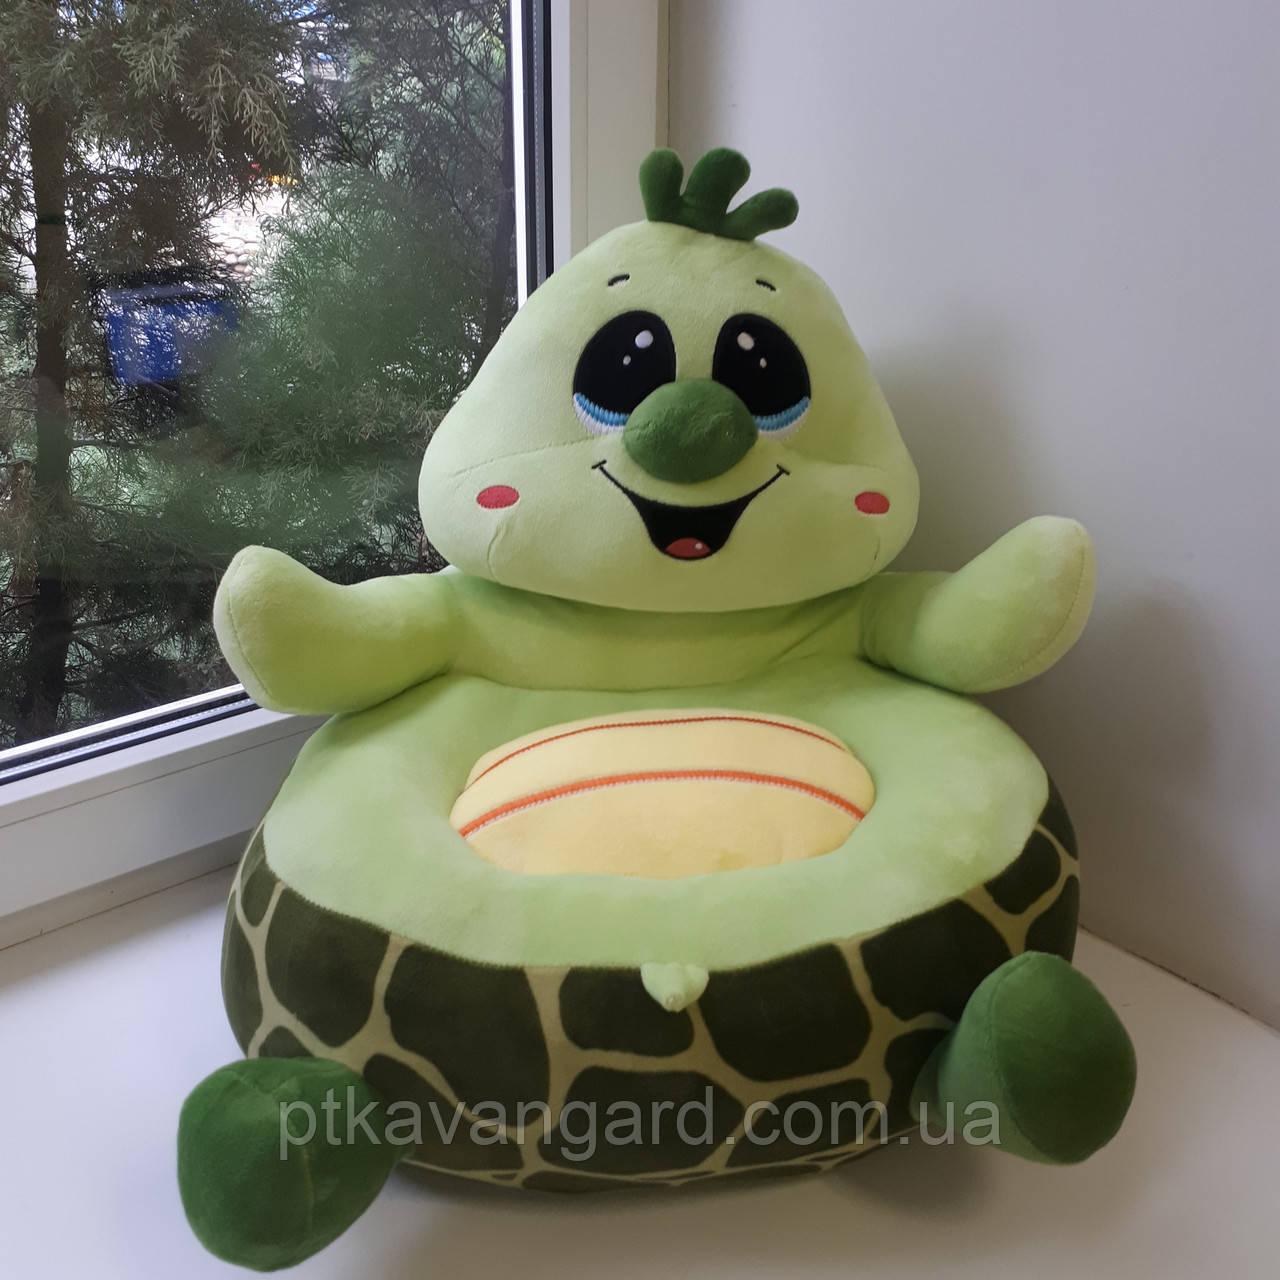 Дитяче м'яке крісло іграшка зелена Черепаха 40х40х40 см З 31195